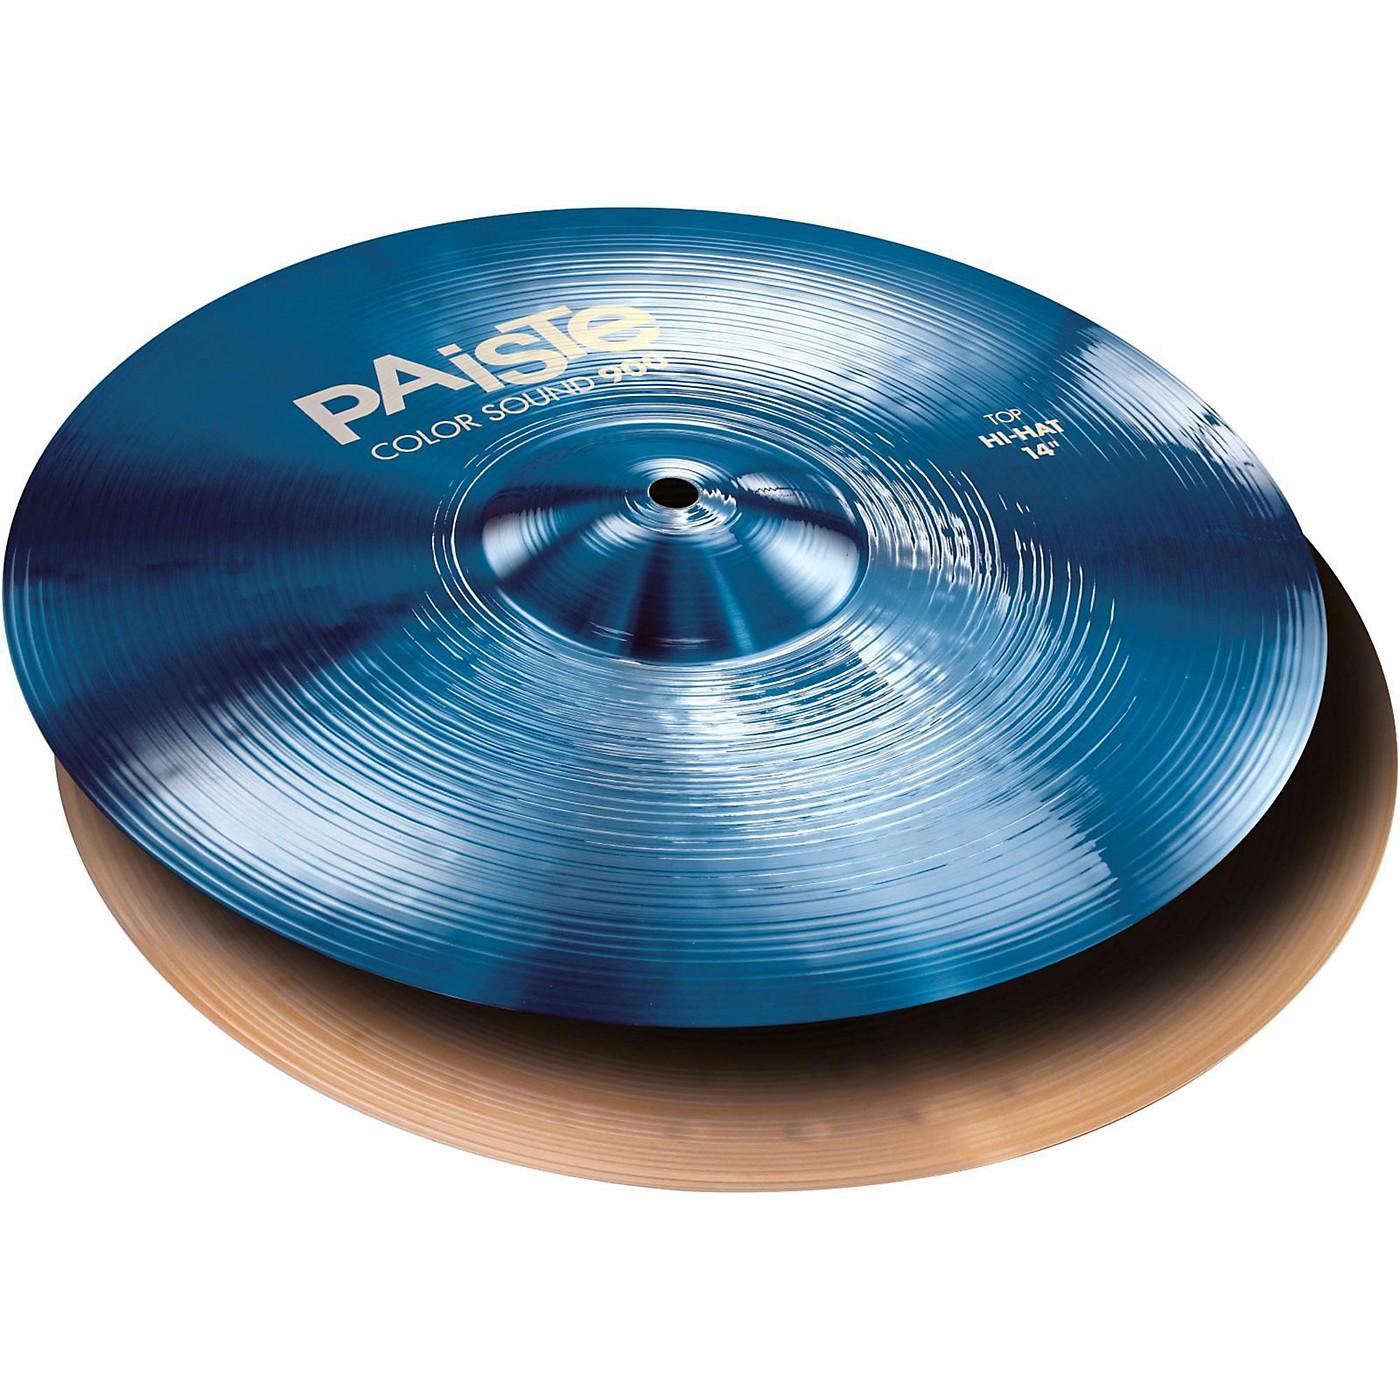 Paiste Colorsound 900 Hi Hat Cymbal Blue thumbnail